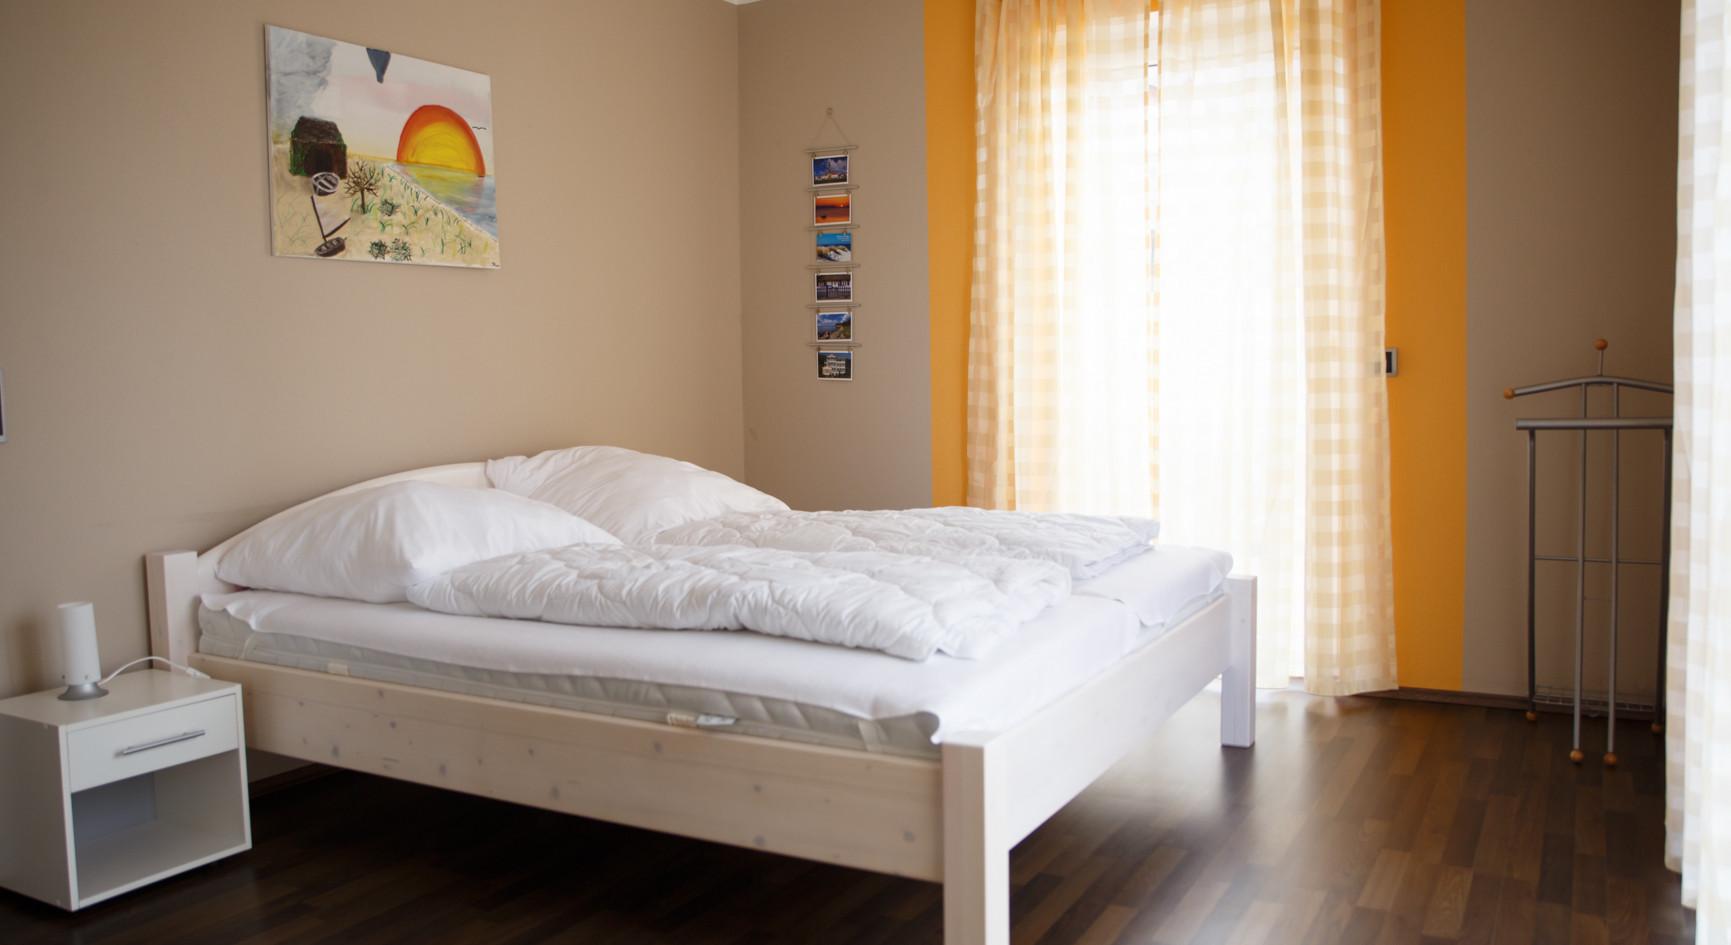 Schlafzimmer der Fährstube in der Ferienwohnung auf Rügen